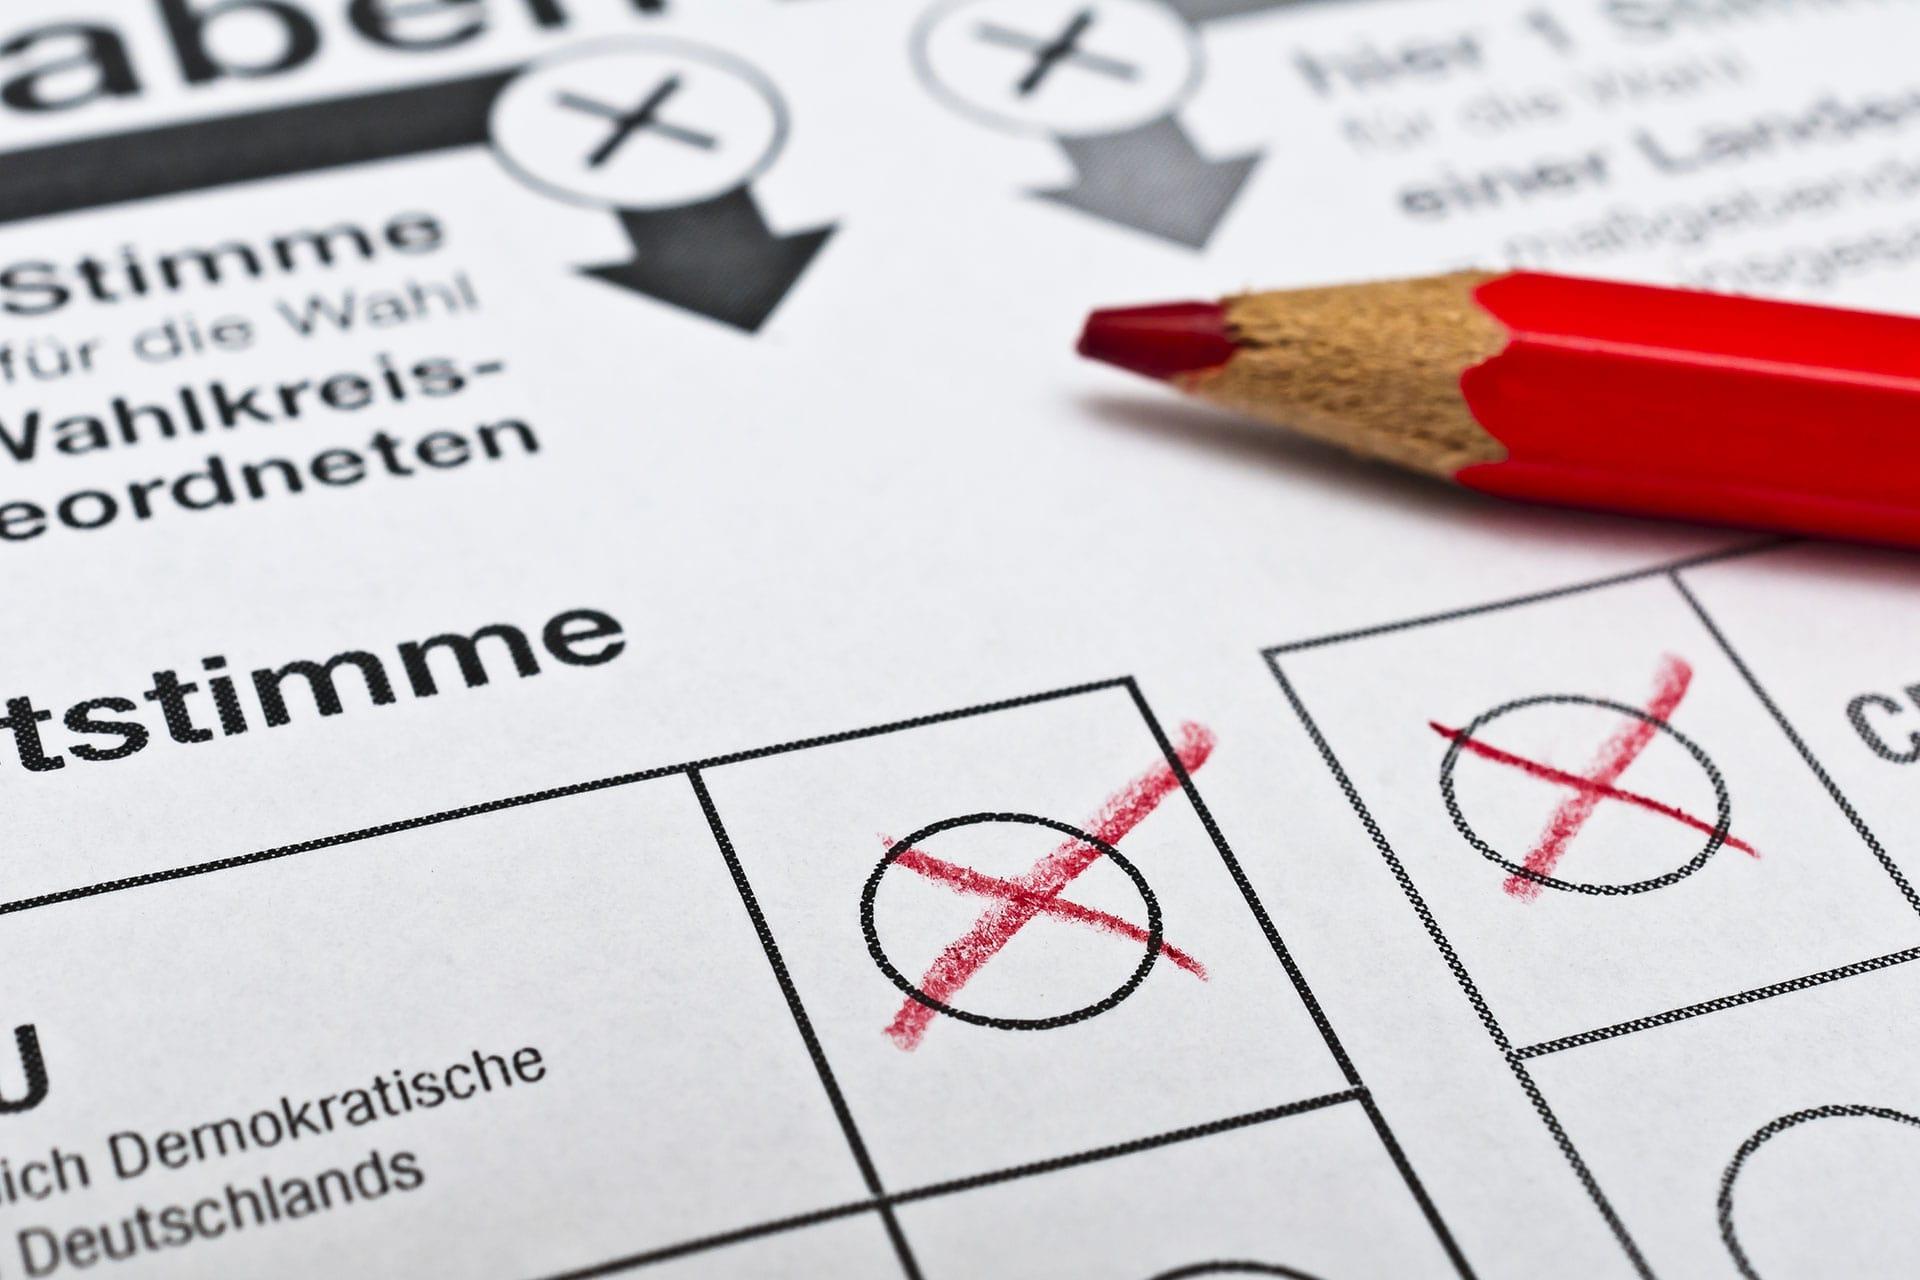 Landesausschuss zur Bundestagswahl